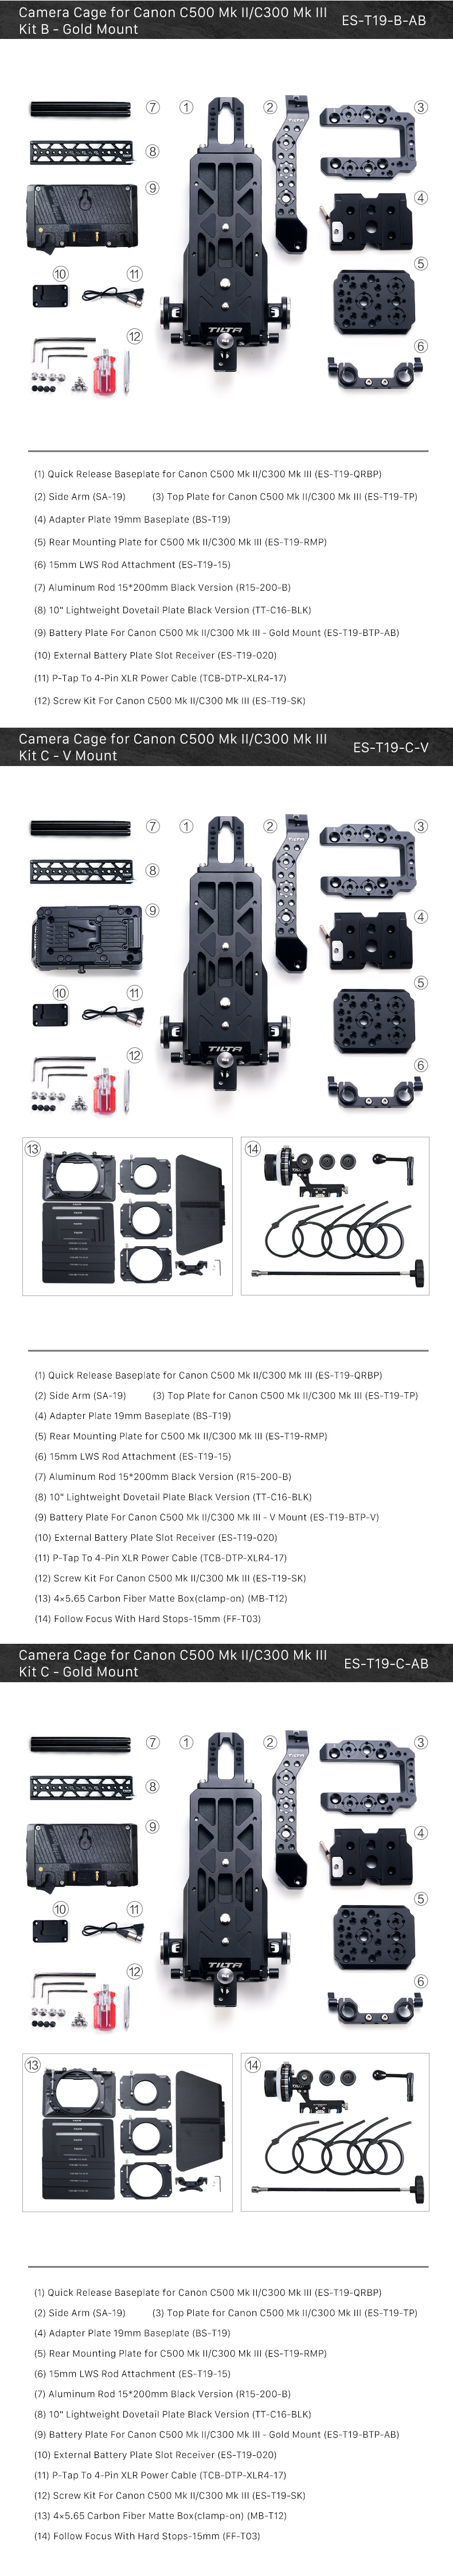 Canon C500 Mk II/C300 Mk III